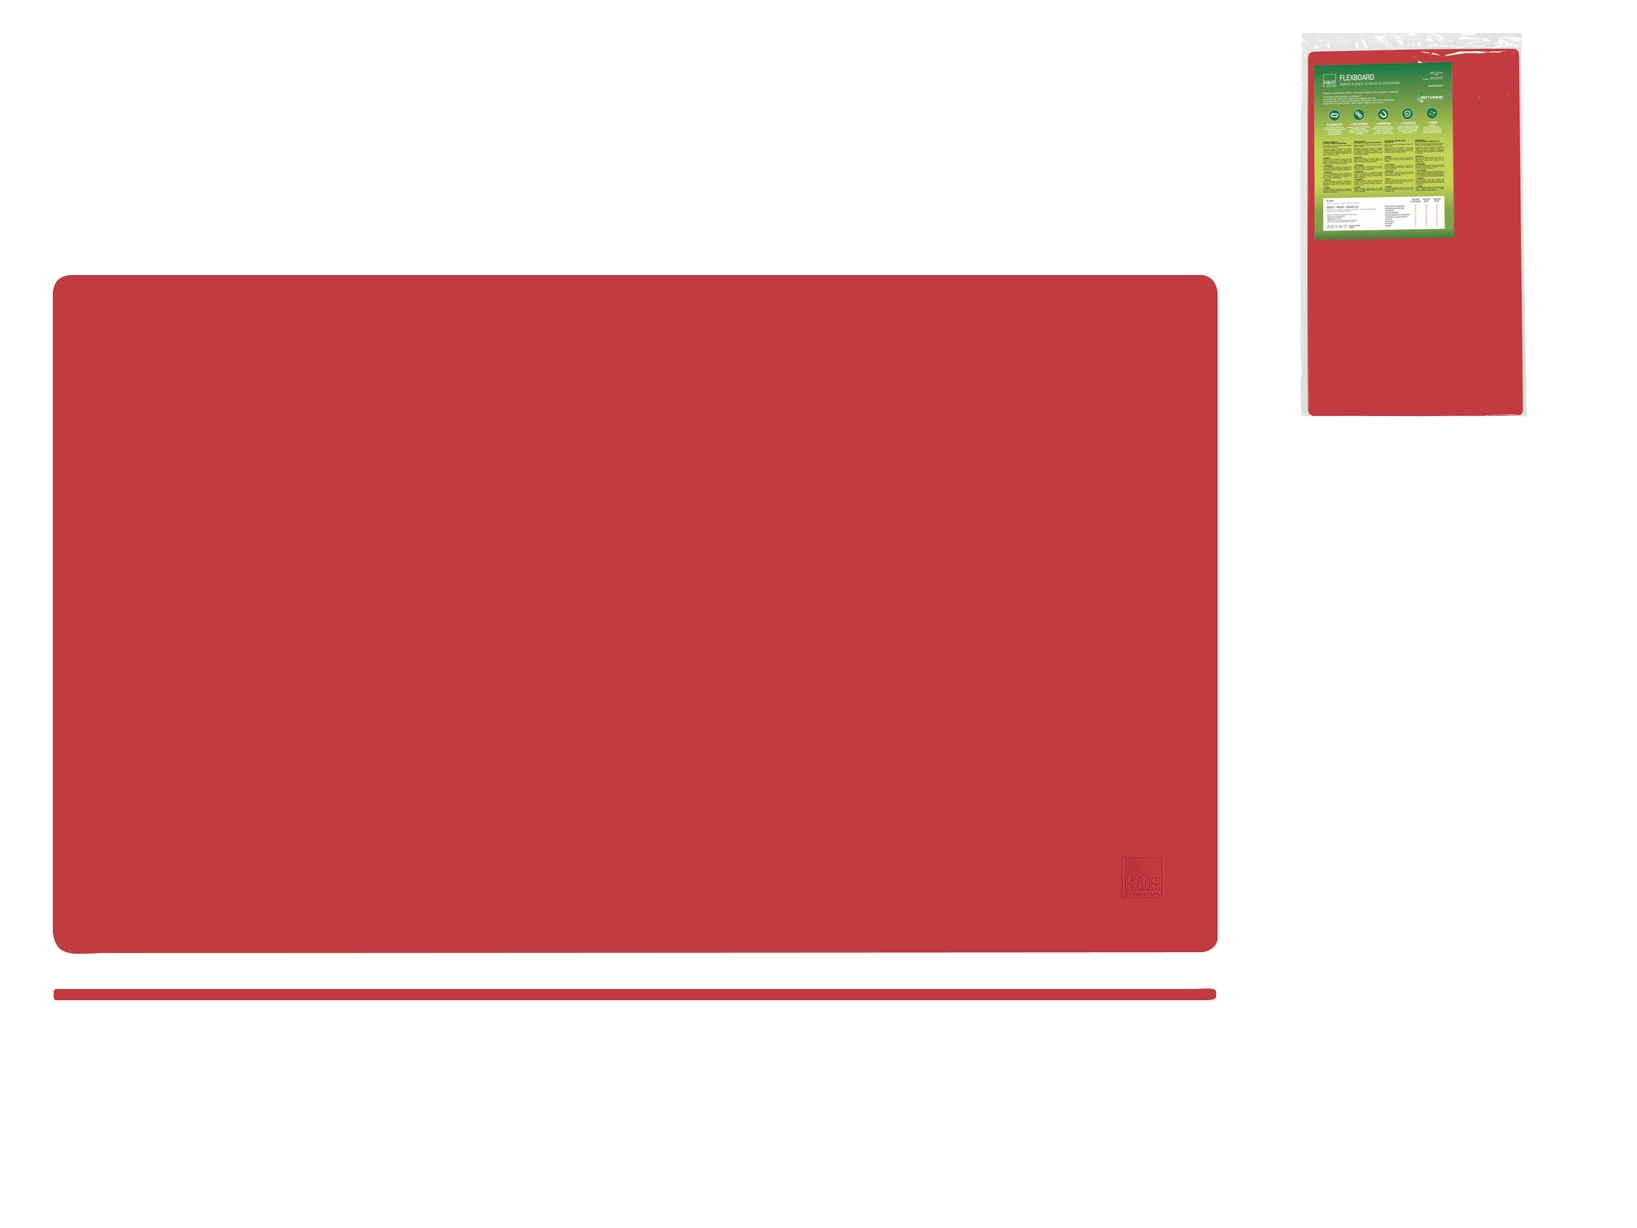 Tagliere Arthane Flex Ros 60x35x0,4